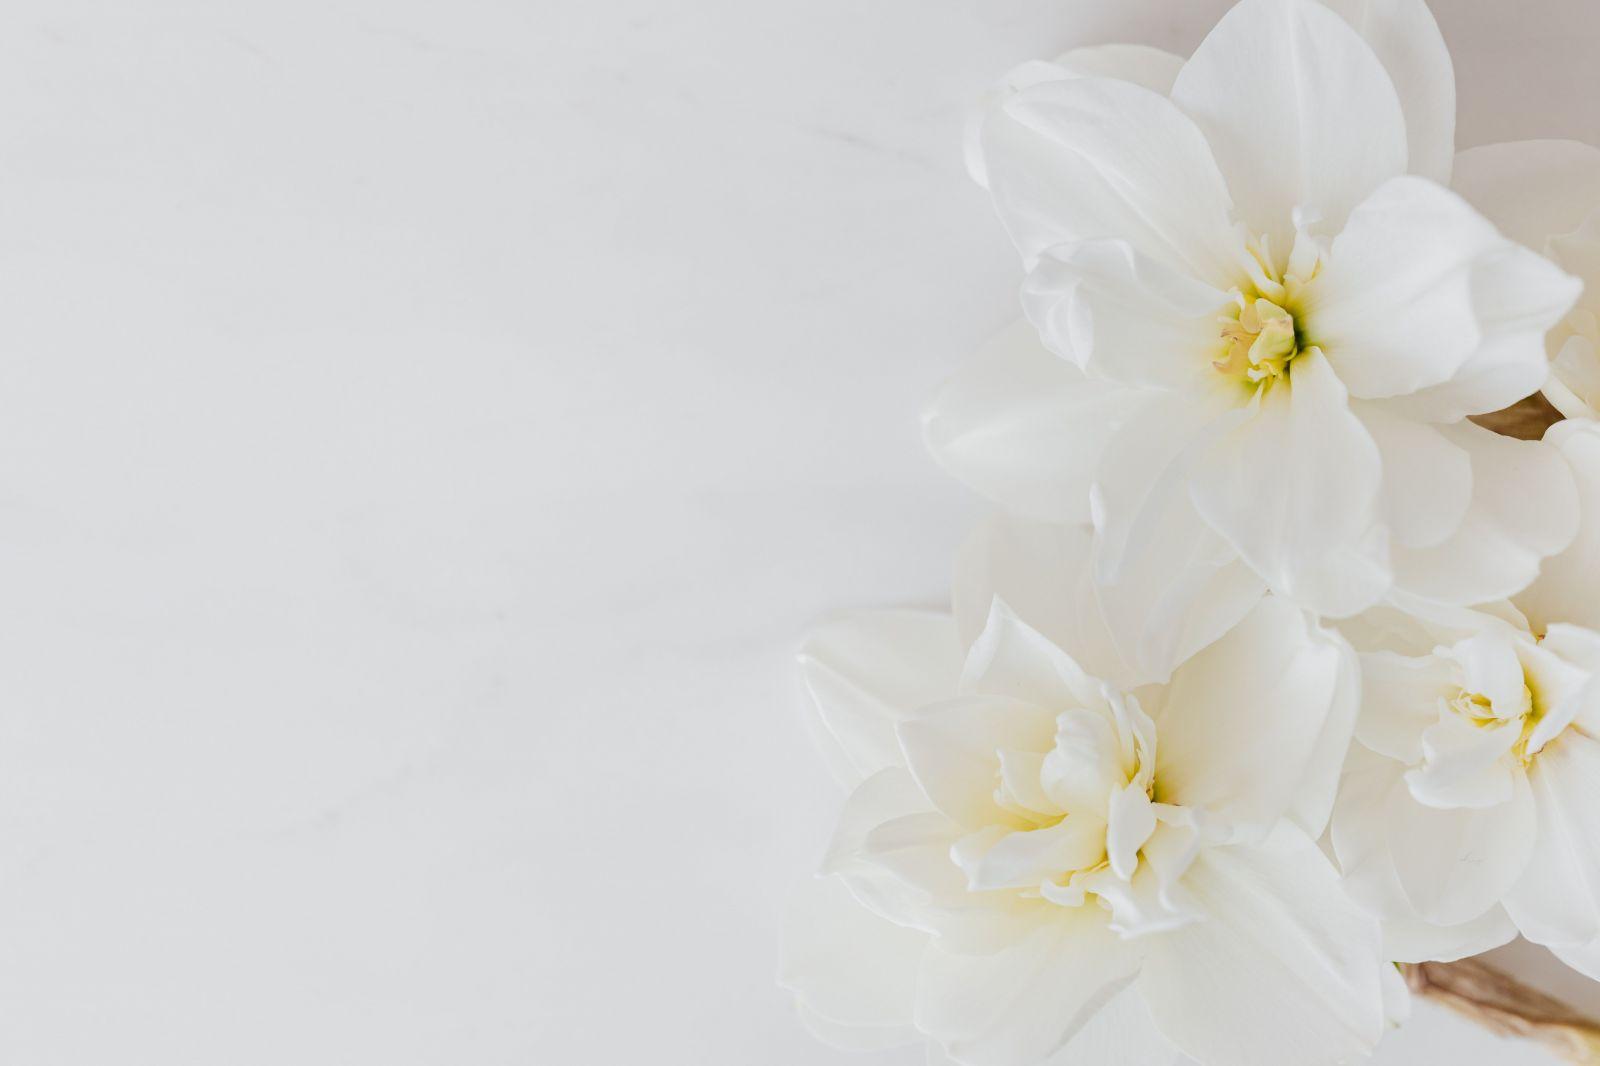 Príklad fotografie s dobrým vyvážením bielej